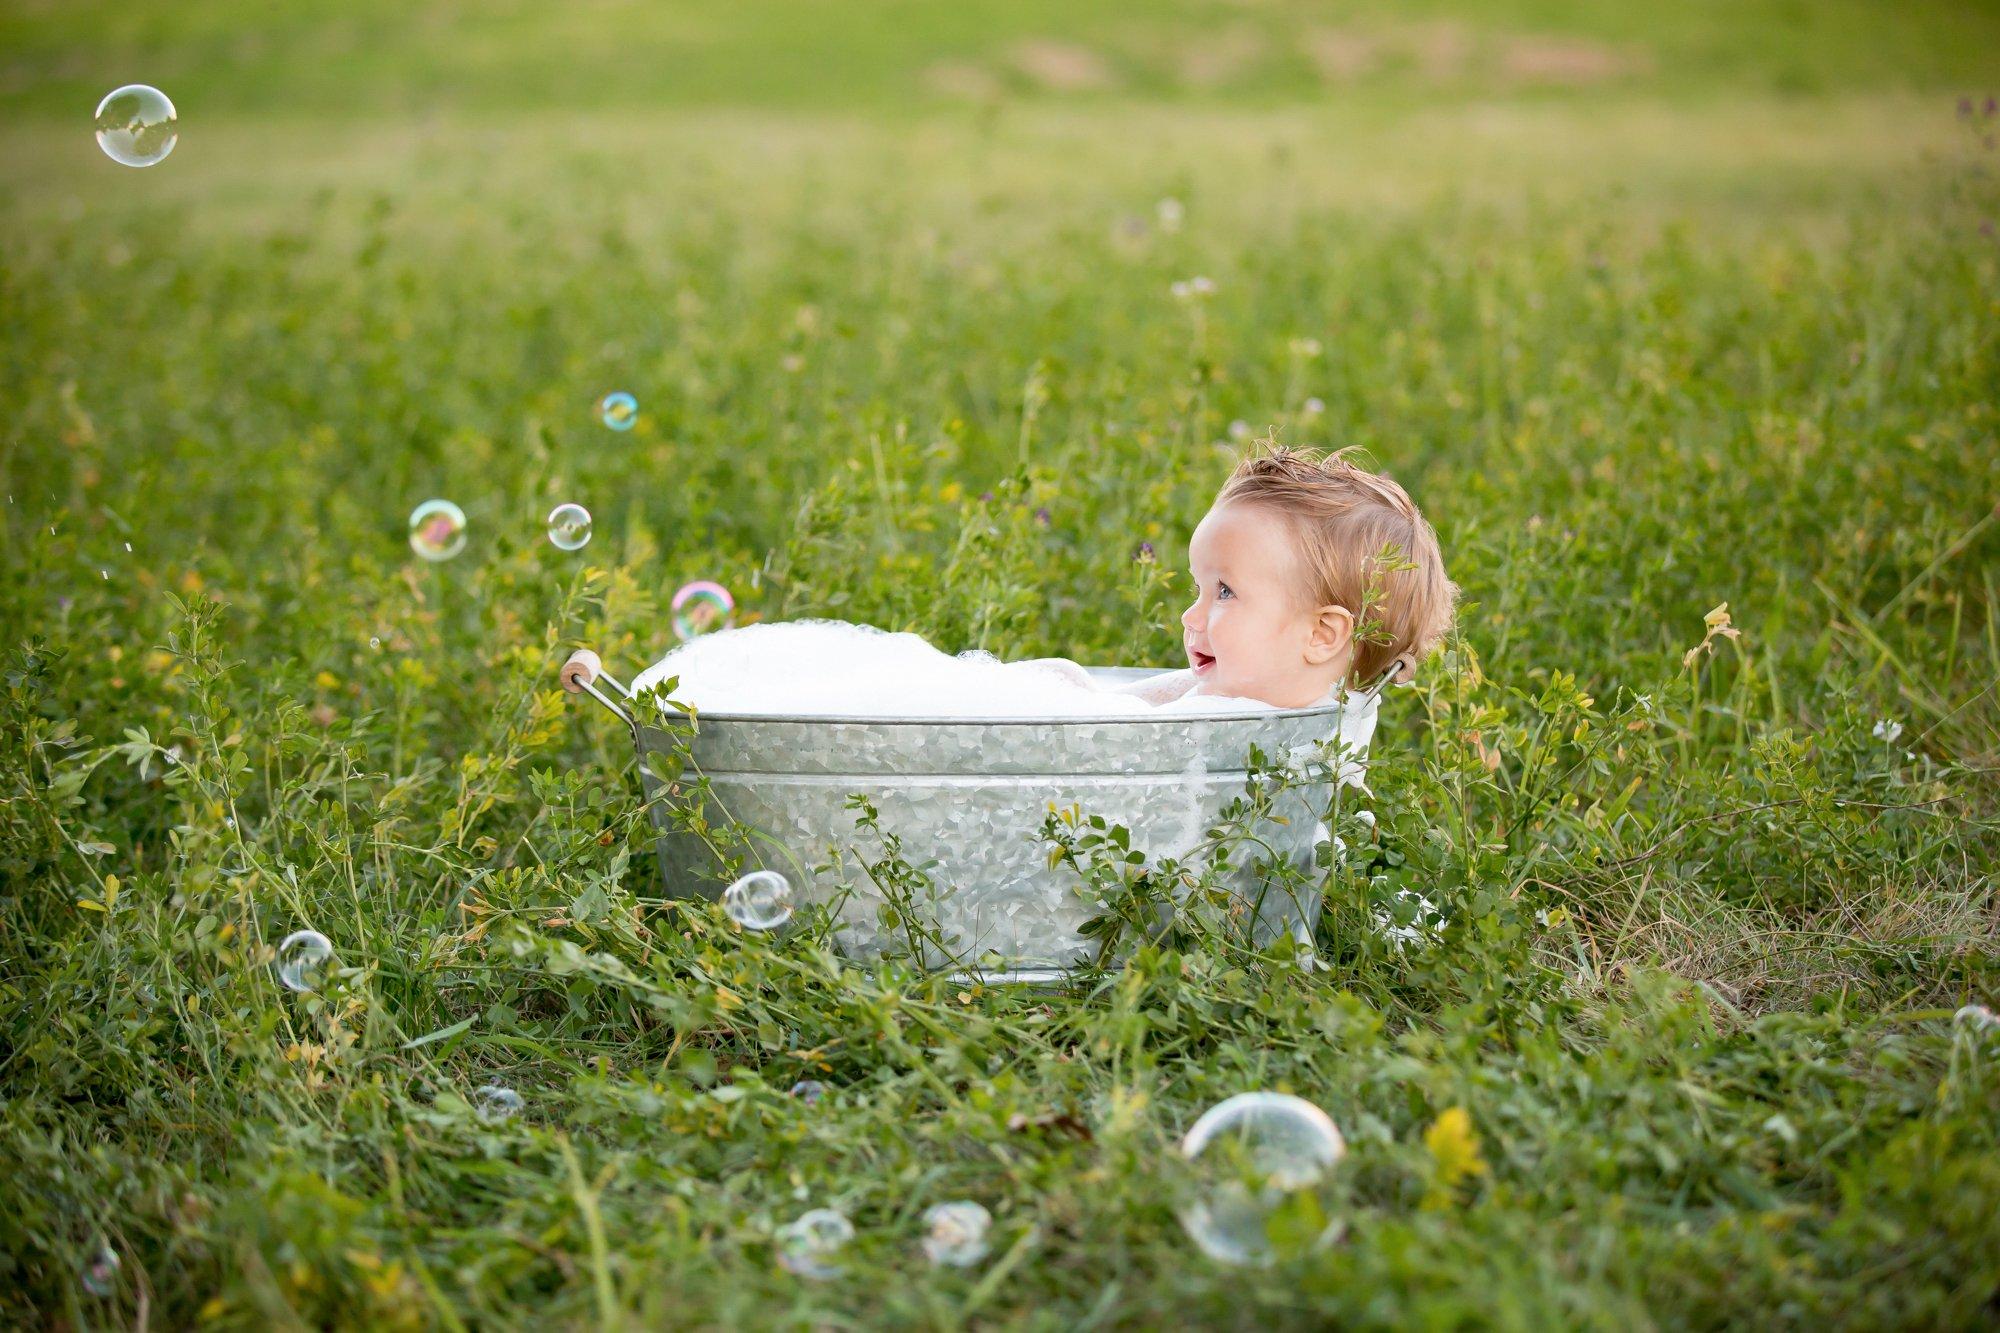 A little boy sitting in an outside bubble bath